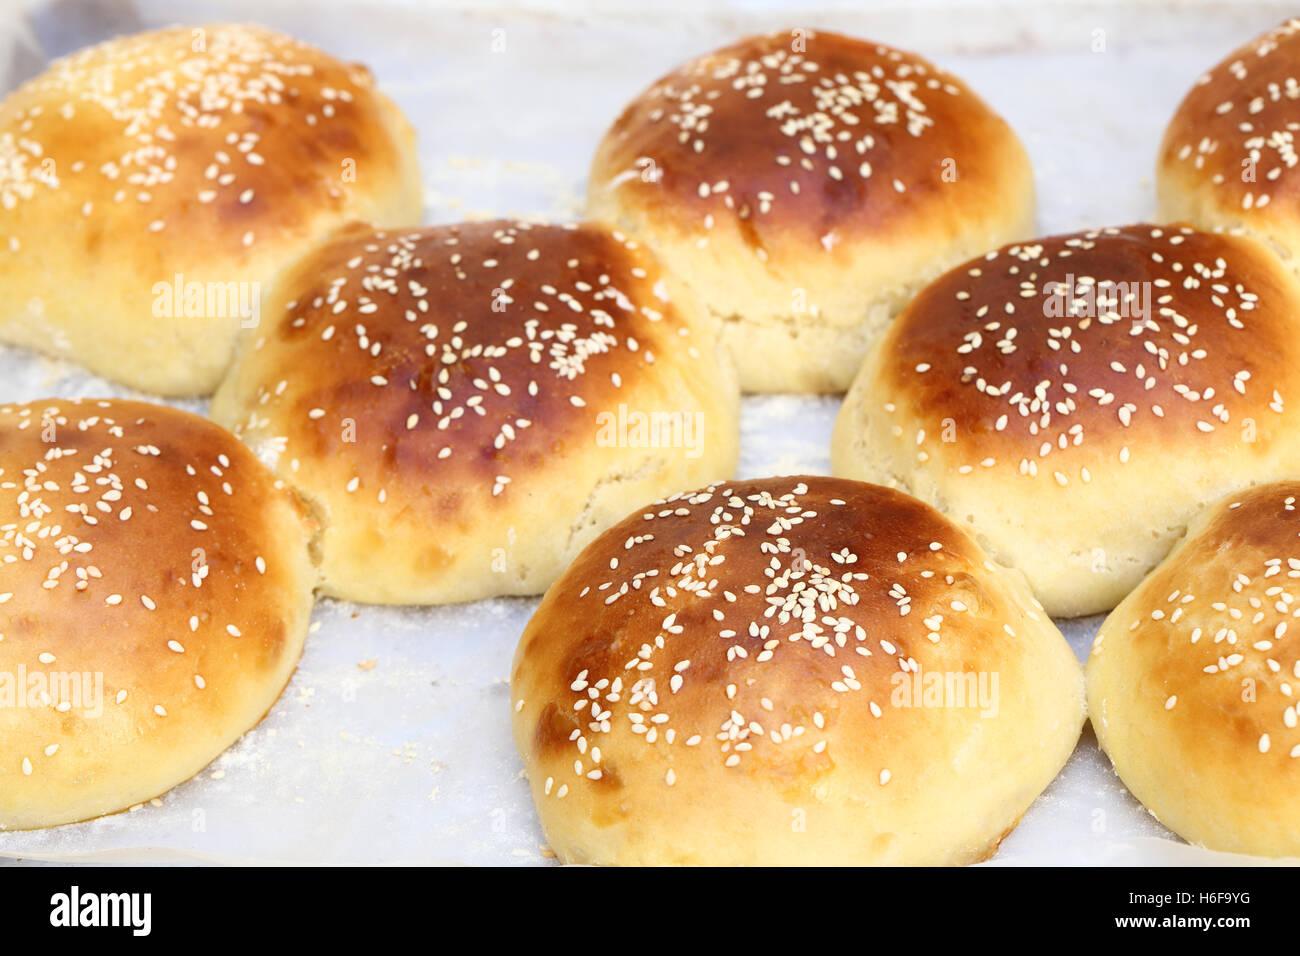 Recién hecha de semillas de sésamo rematada burger bollos, recién salido del horno y aún se Imagen De Stock